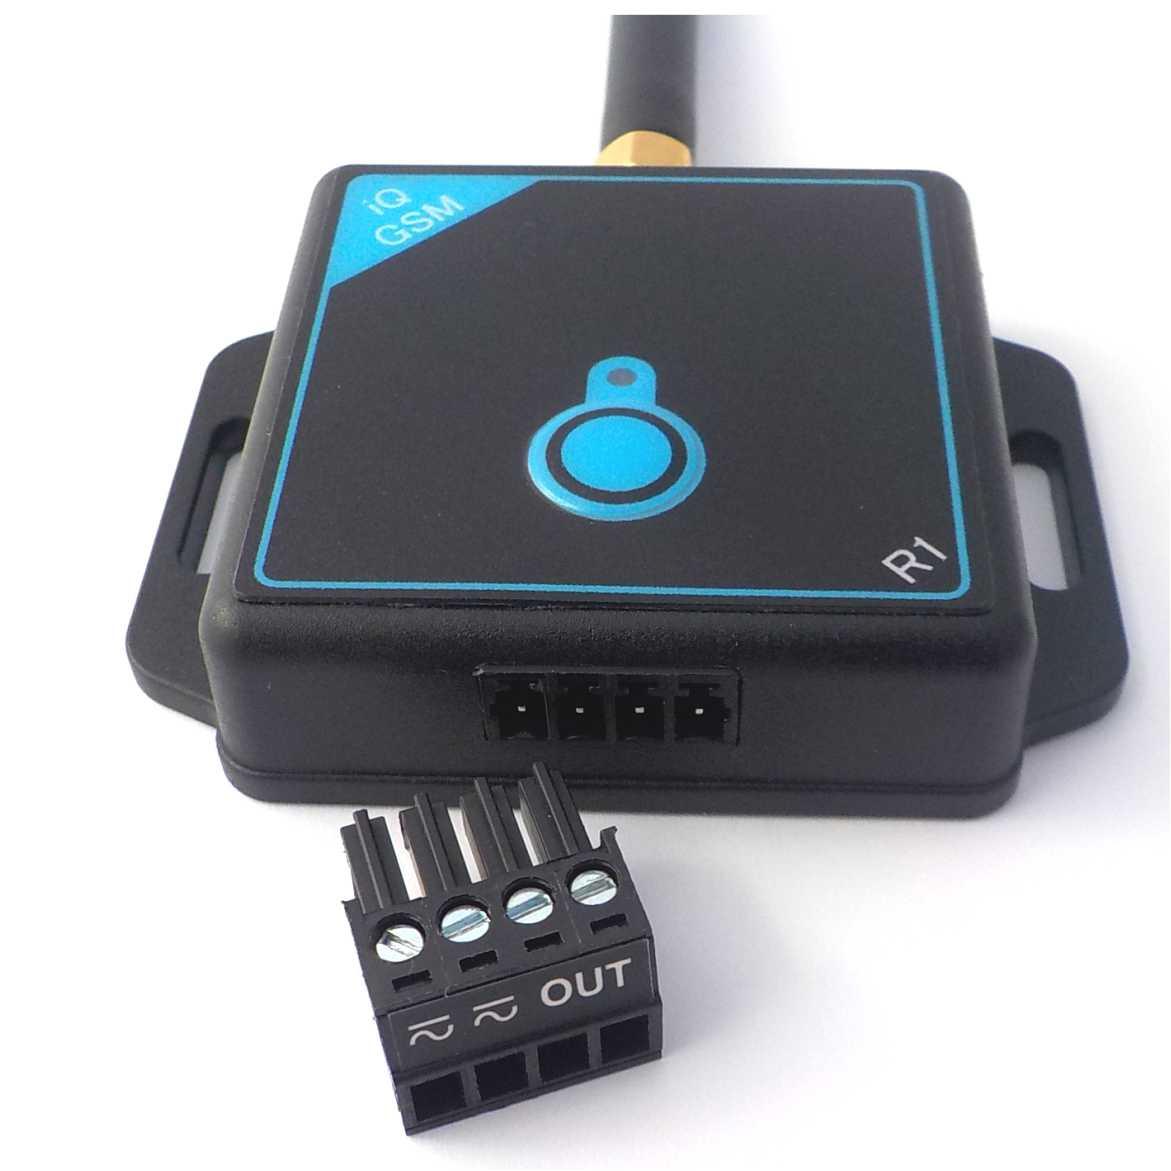 Dálkové ovládání pomocí mobilního telefonu - GSM ovládání pro 10 uživatelů